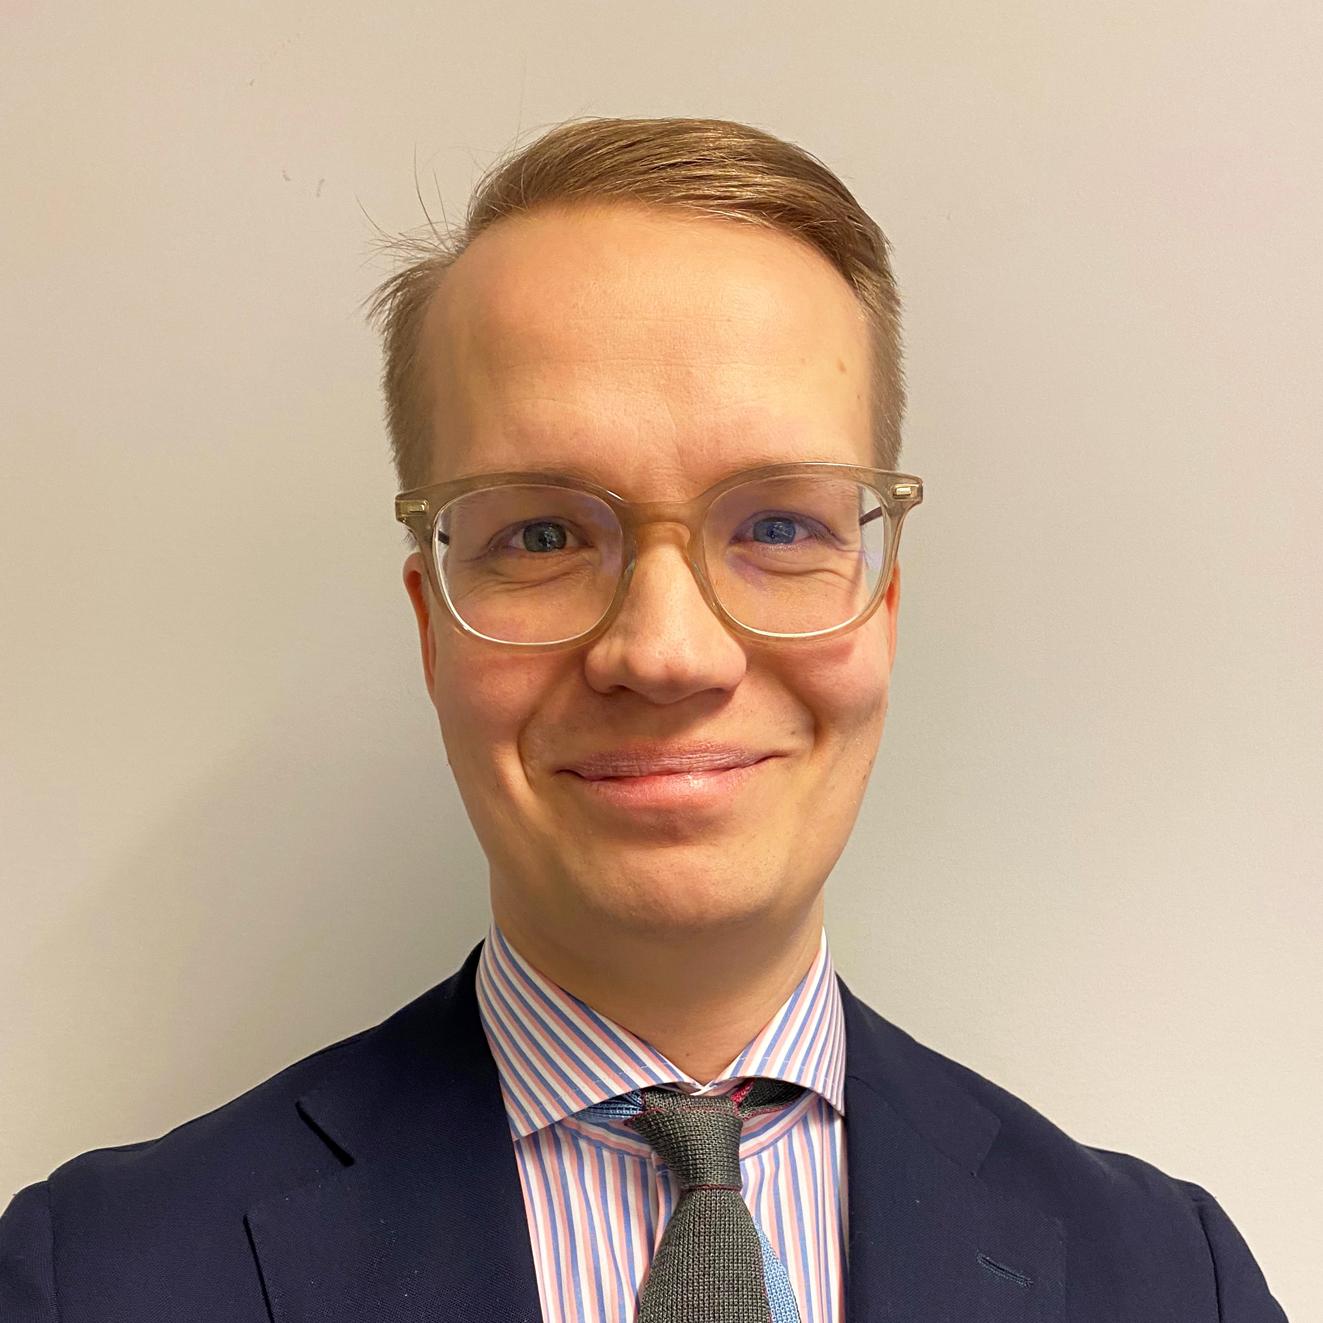 Heikki Otsolampi